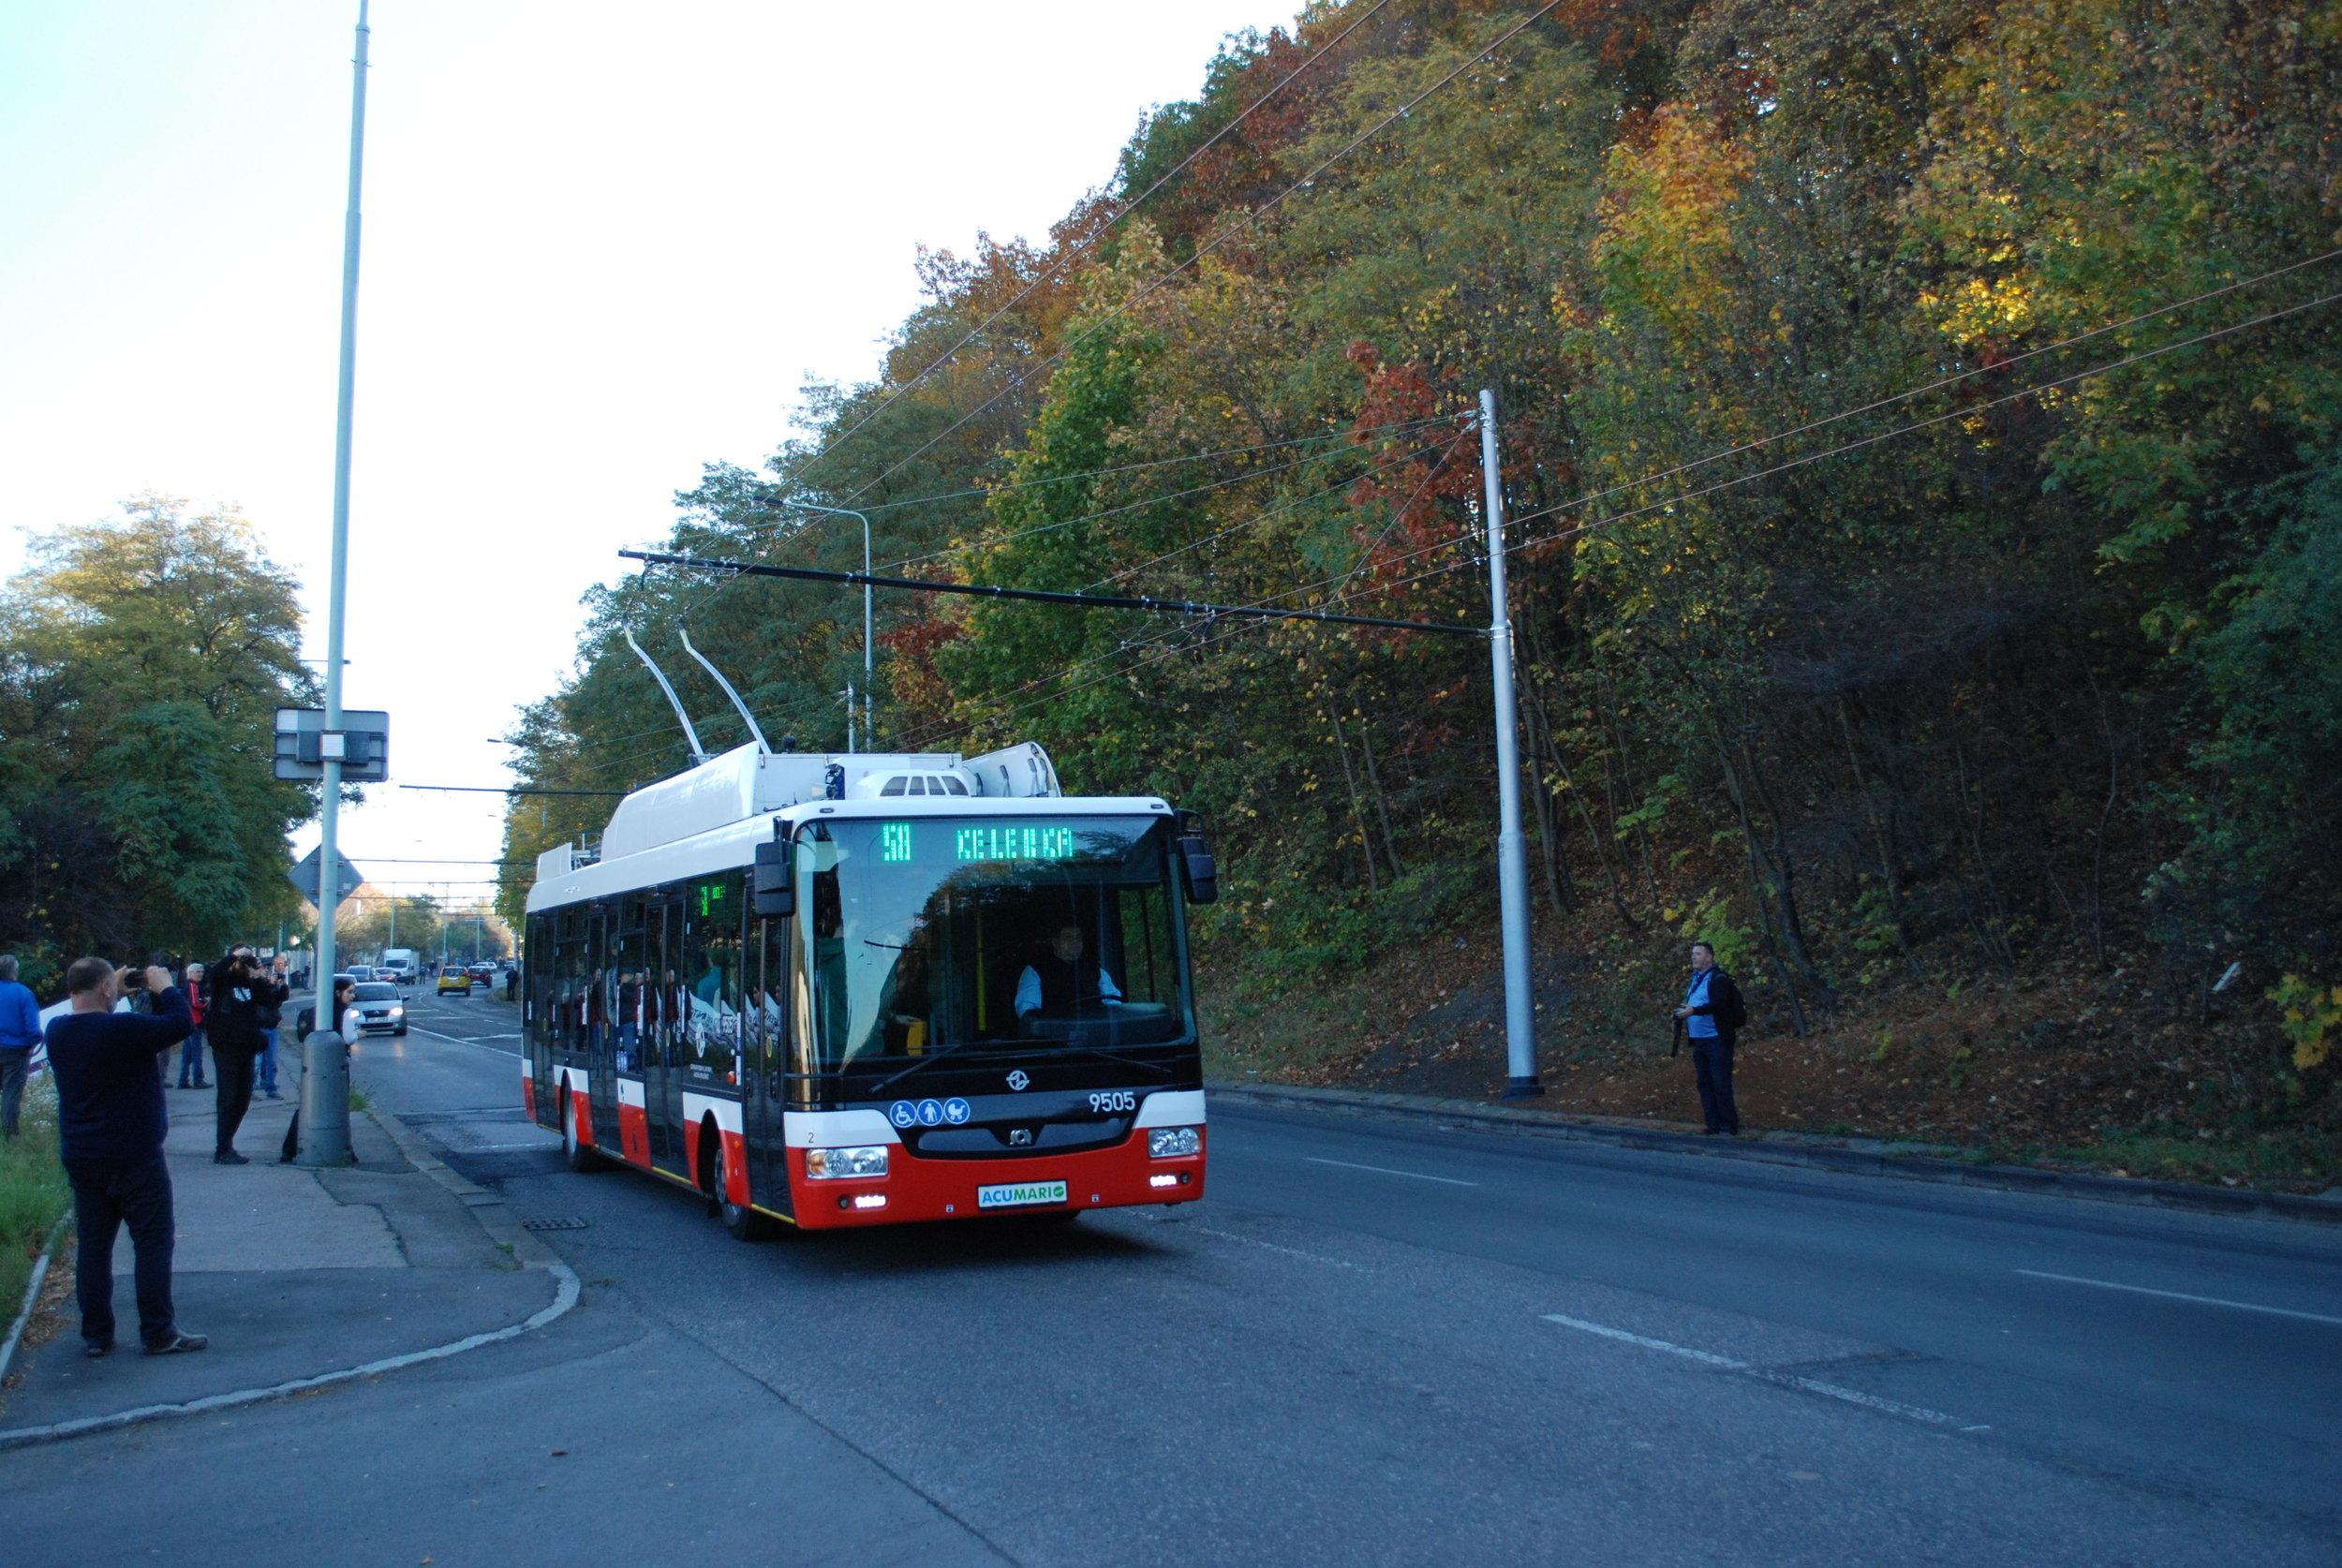 Praha o parciálních trolejbusech hovoří jako o elektrobusech s dynamickým nabíjením. Stejnou taktiku zvolil také například ruský výrobce trolejbusů Trolza. (foto: Libor Hinčica)